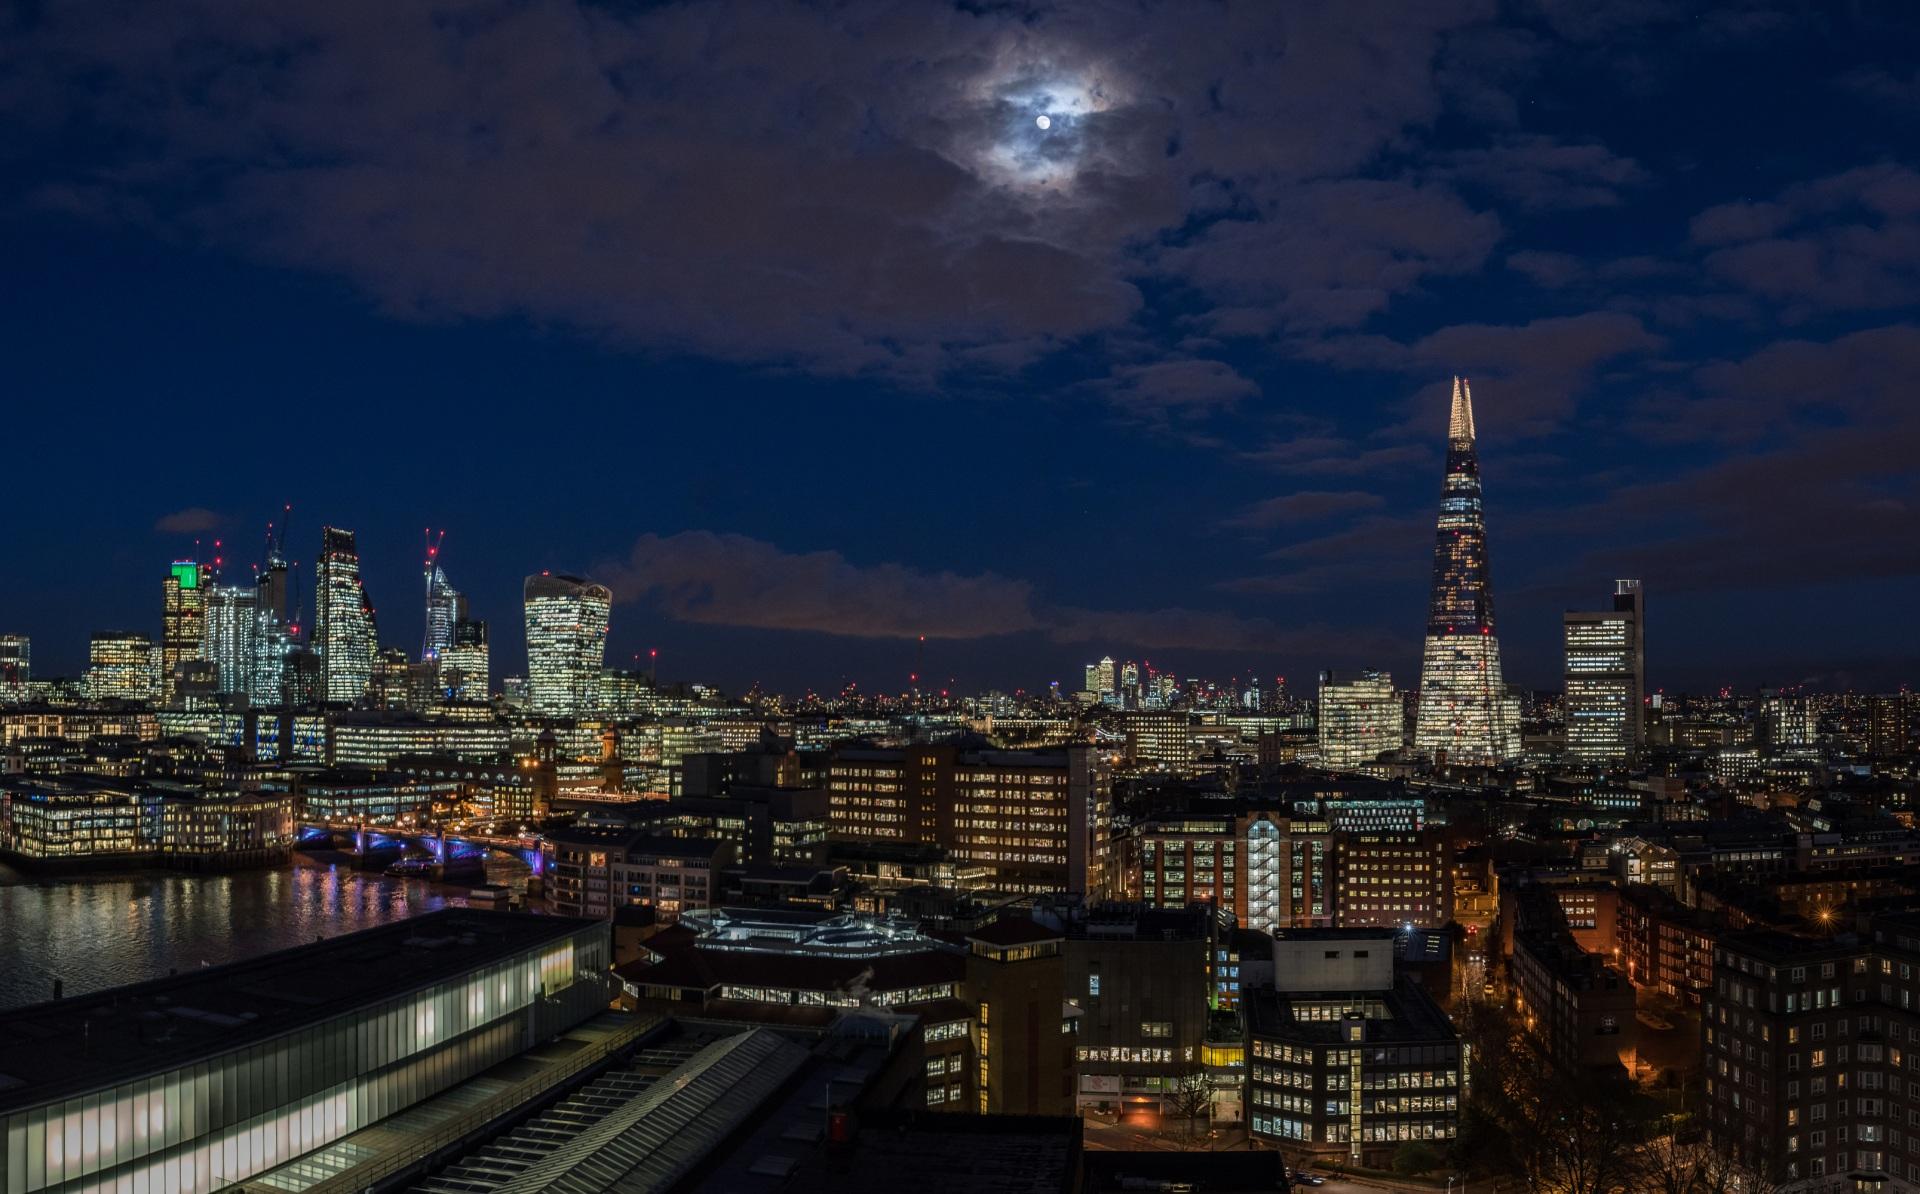 Обои для рабочего стола Лондон Англия луны Небо Ночь Дома город 1920x1194 лондоне Луна луной ночью в ночи Ночные Города Здания